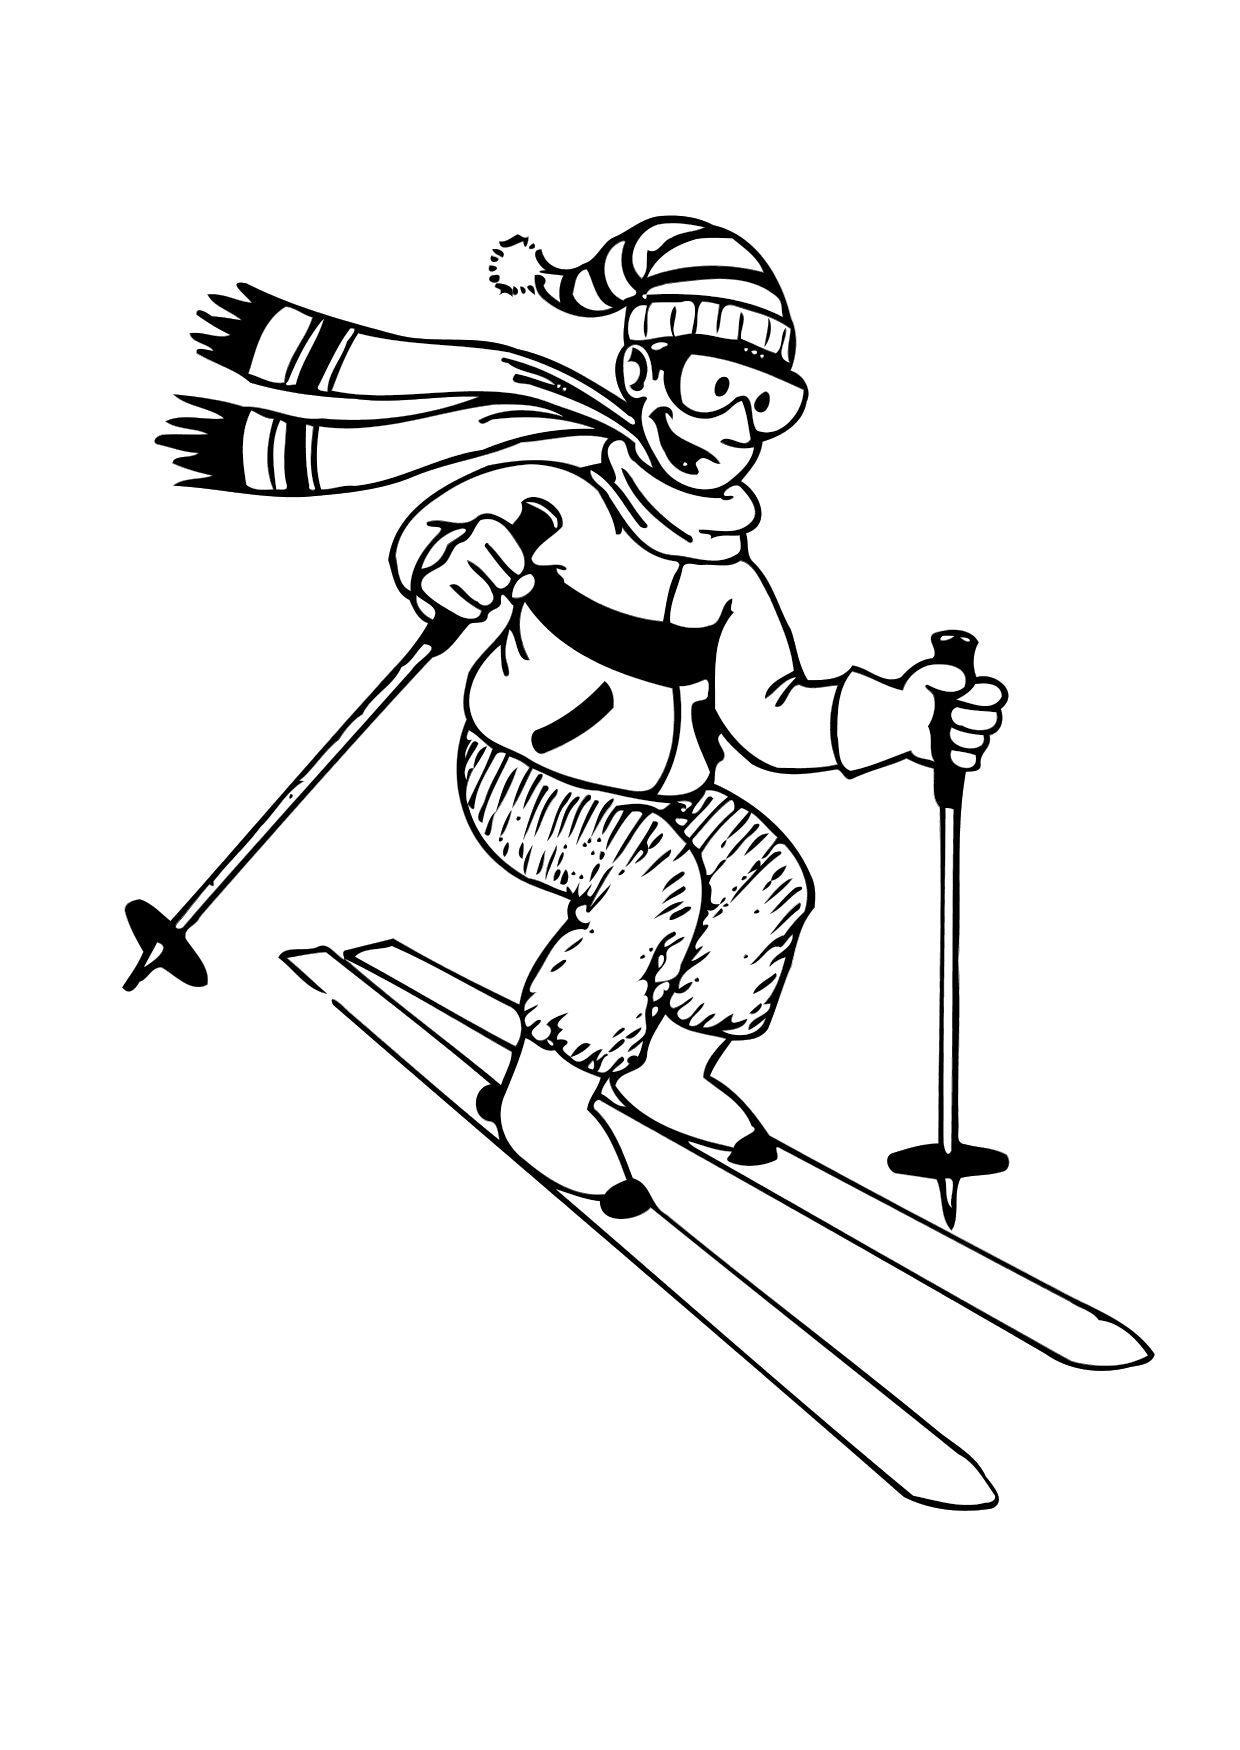 Kleurplaat Skien Afb 12170